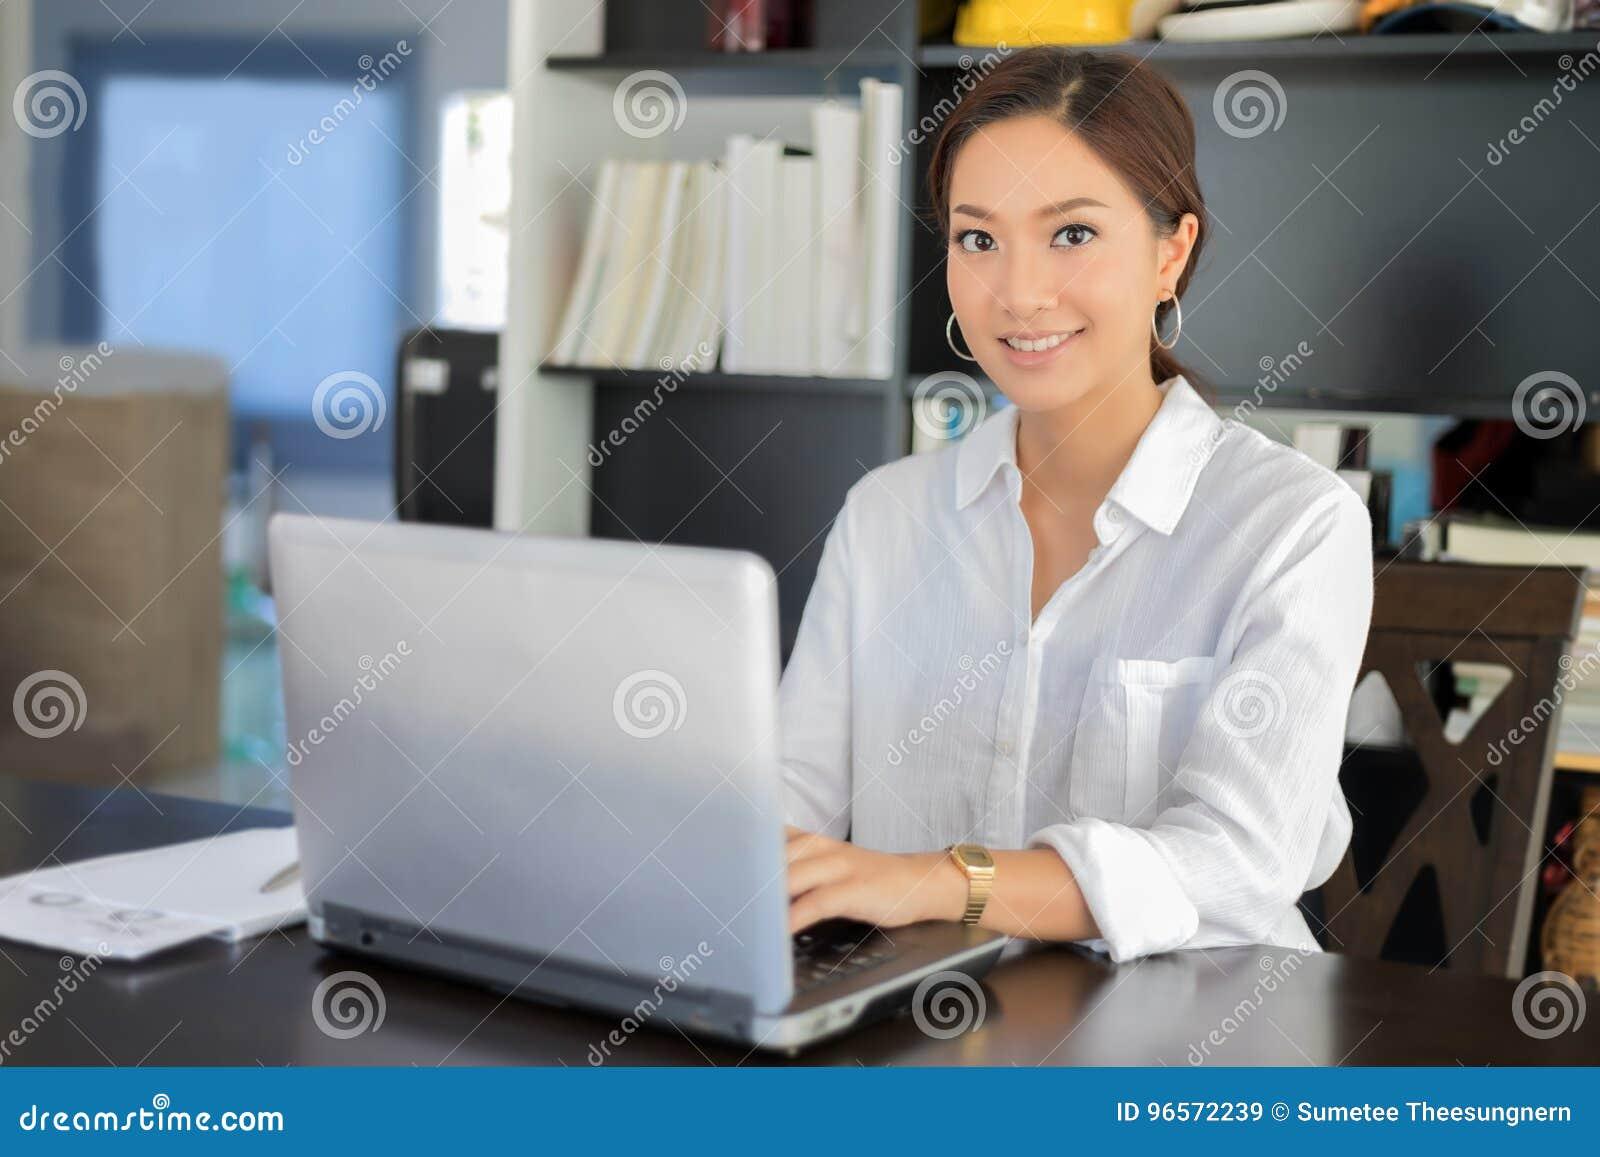 Aziatische bedrijfsvrouwen notitieboekje gebruiken en glimlachen die gelukkig voor worki